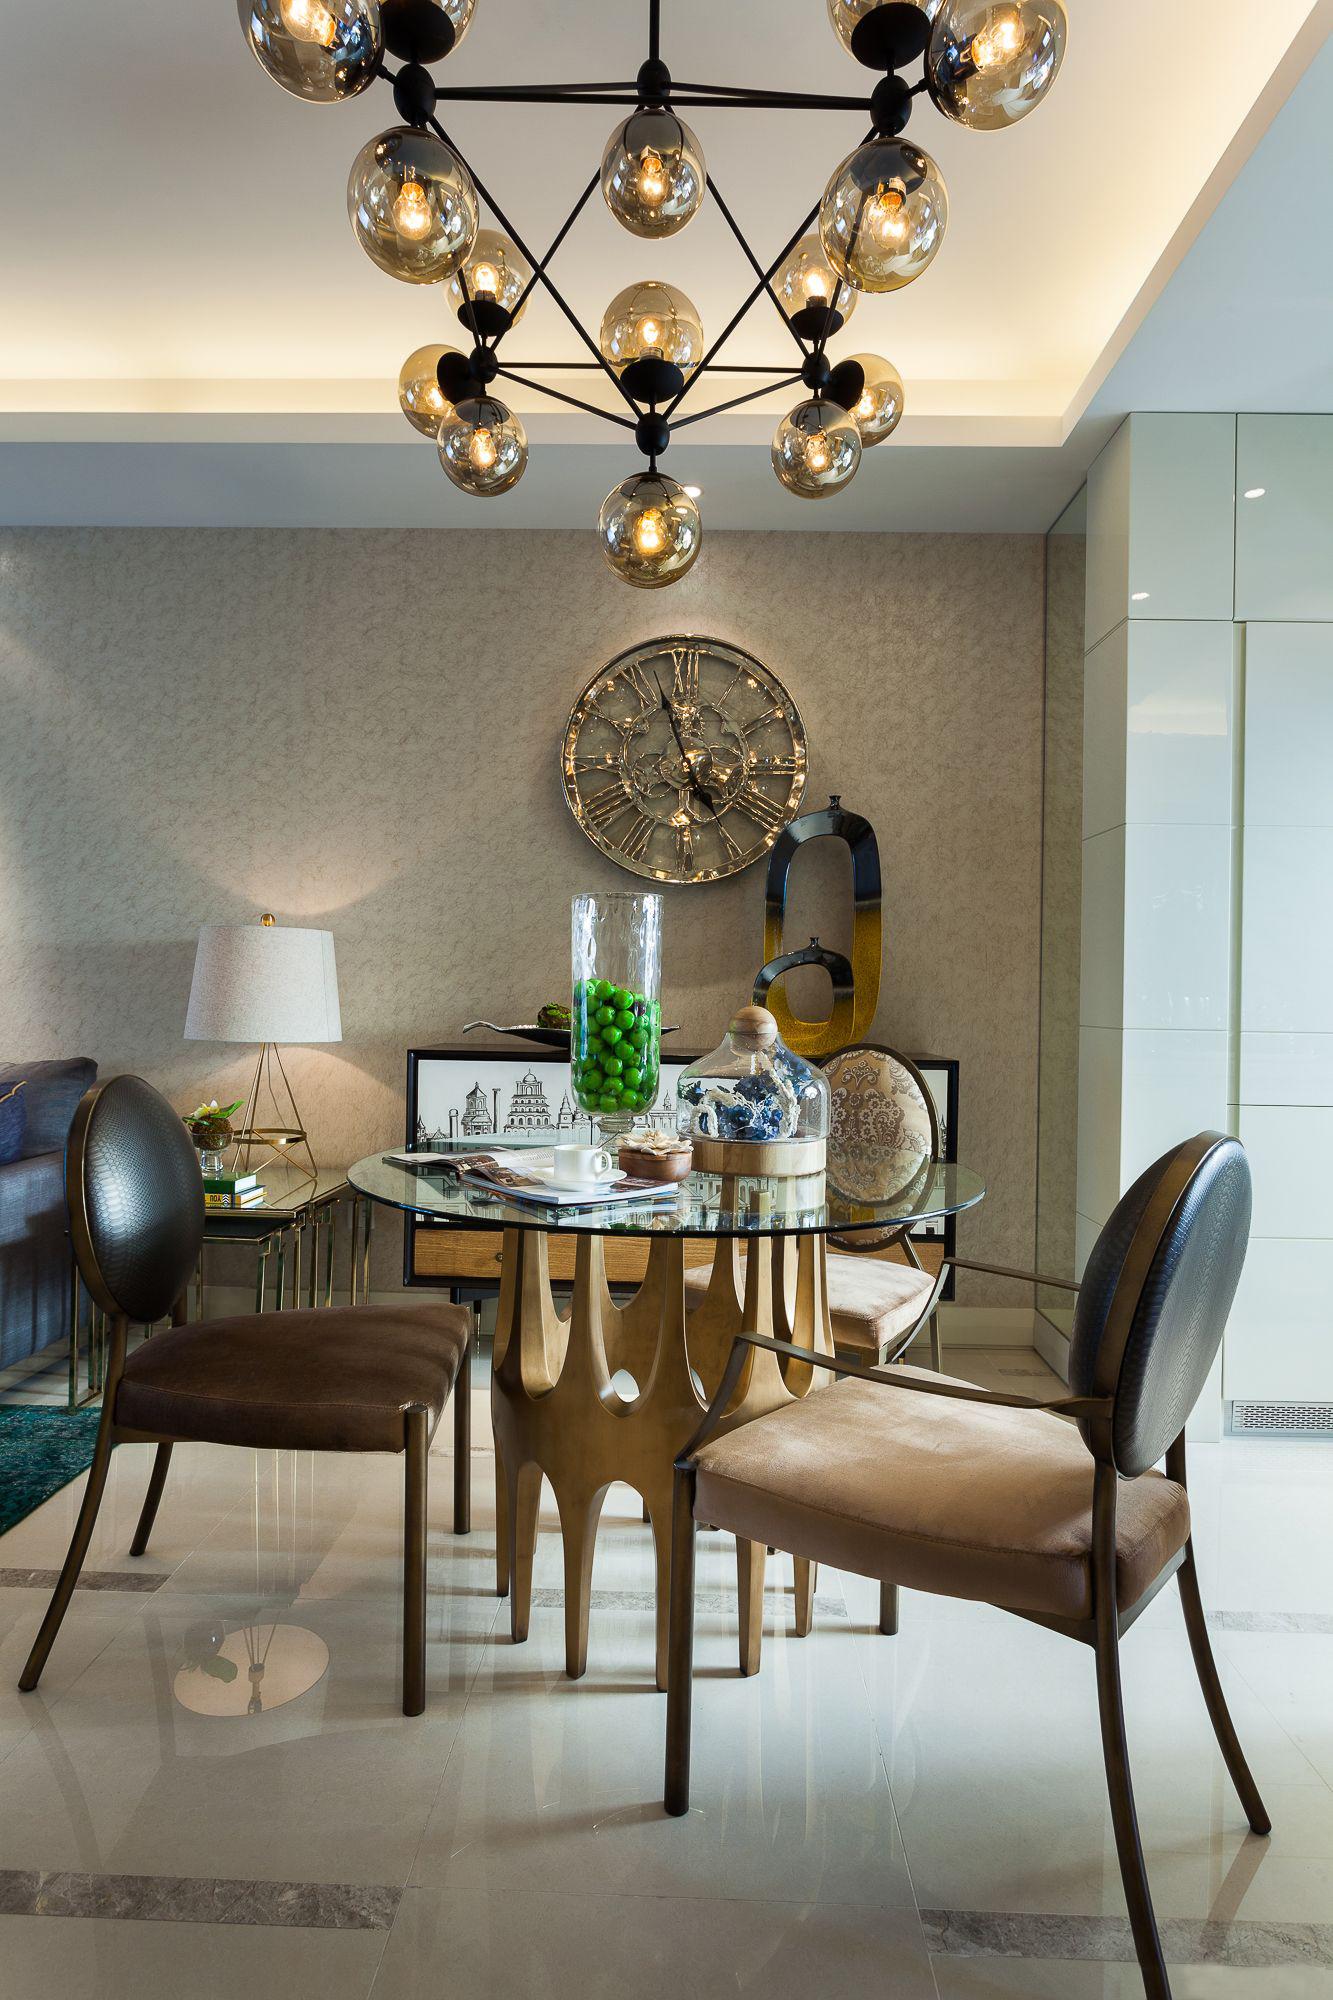 混搭 三居 大户型 复式 跃层 别墅 80后 小资 餐厅图片来自高度国际姚吉智在气质满满 160平米混搭风格装修的分享